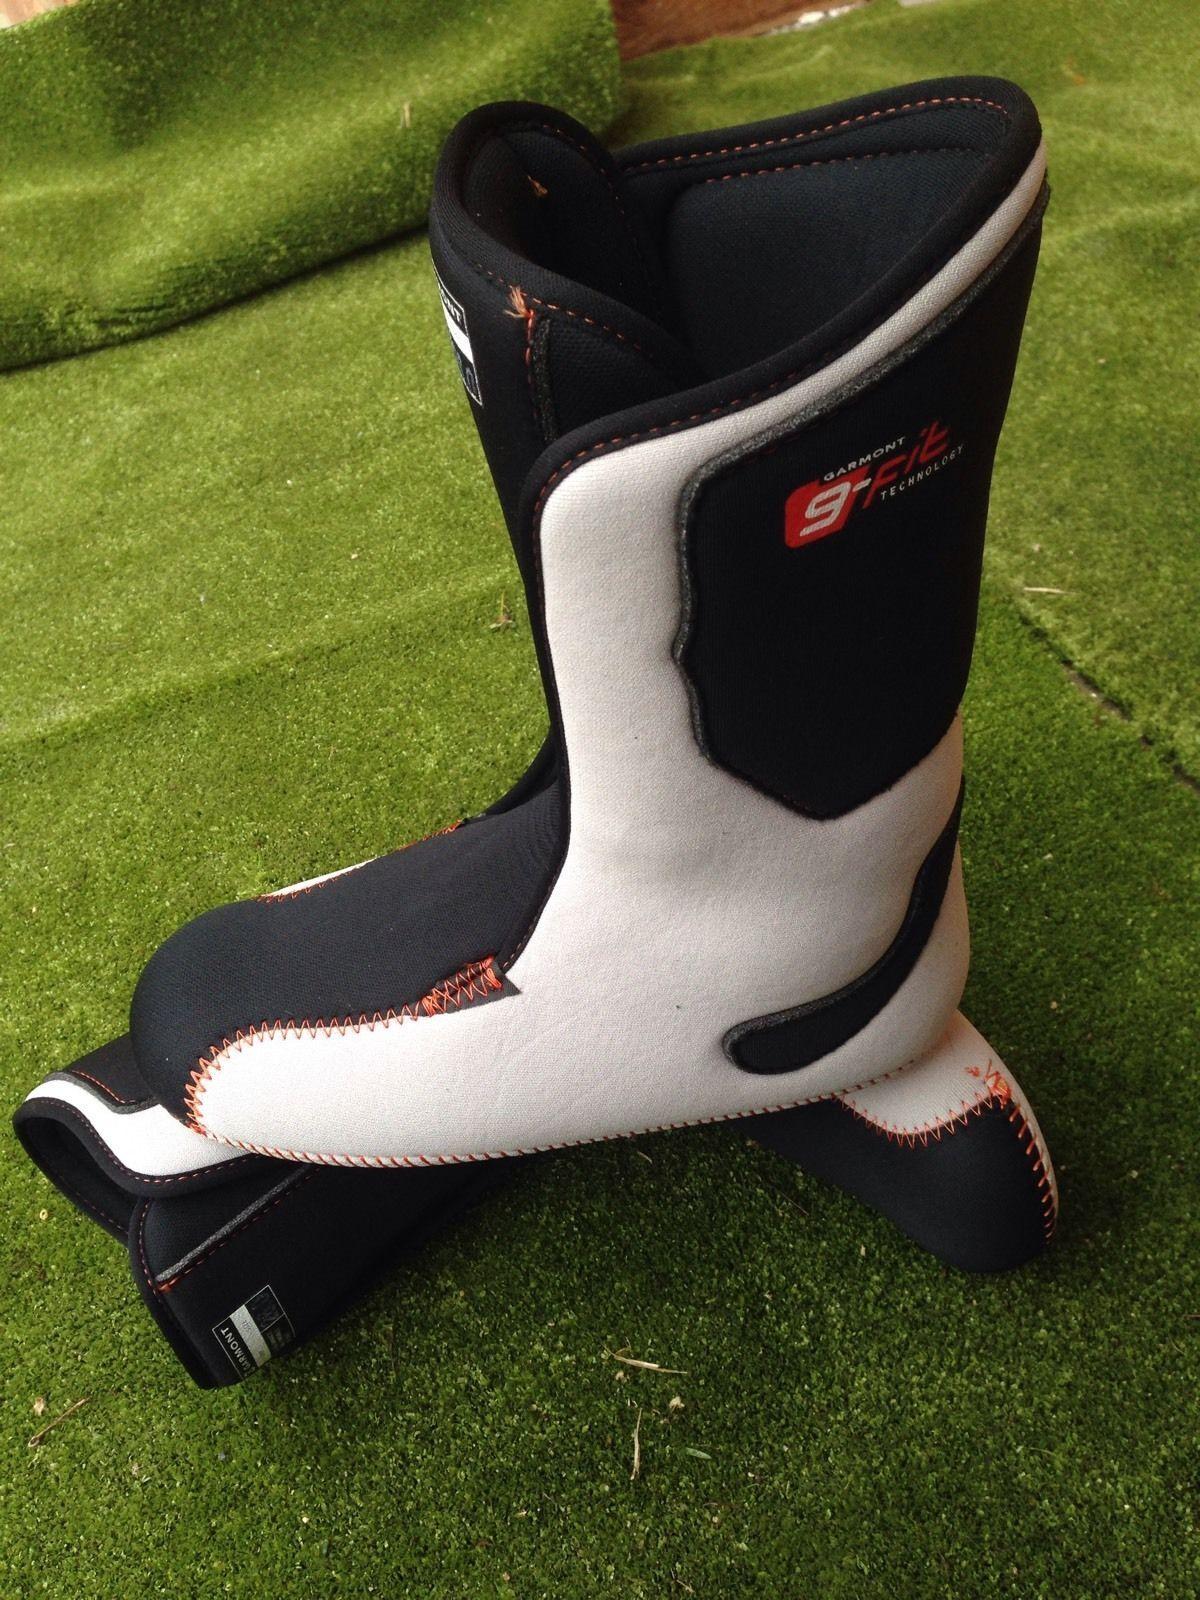 Scarpette interne per scarponi da sci snowboard stivali ski liners Gfit thermofit